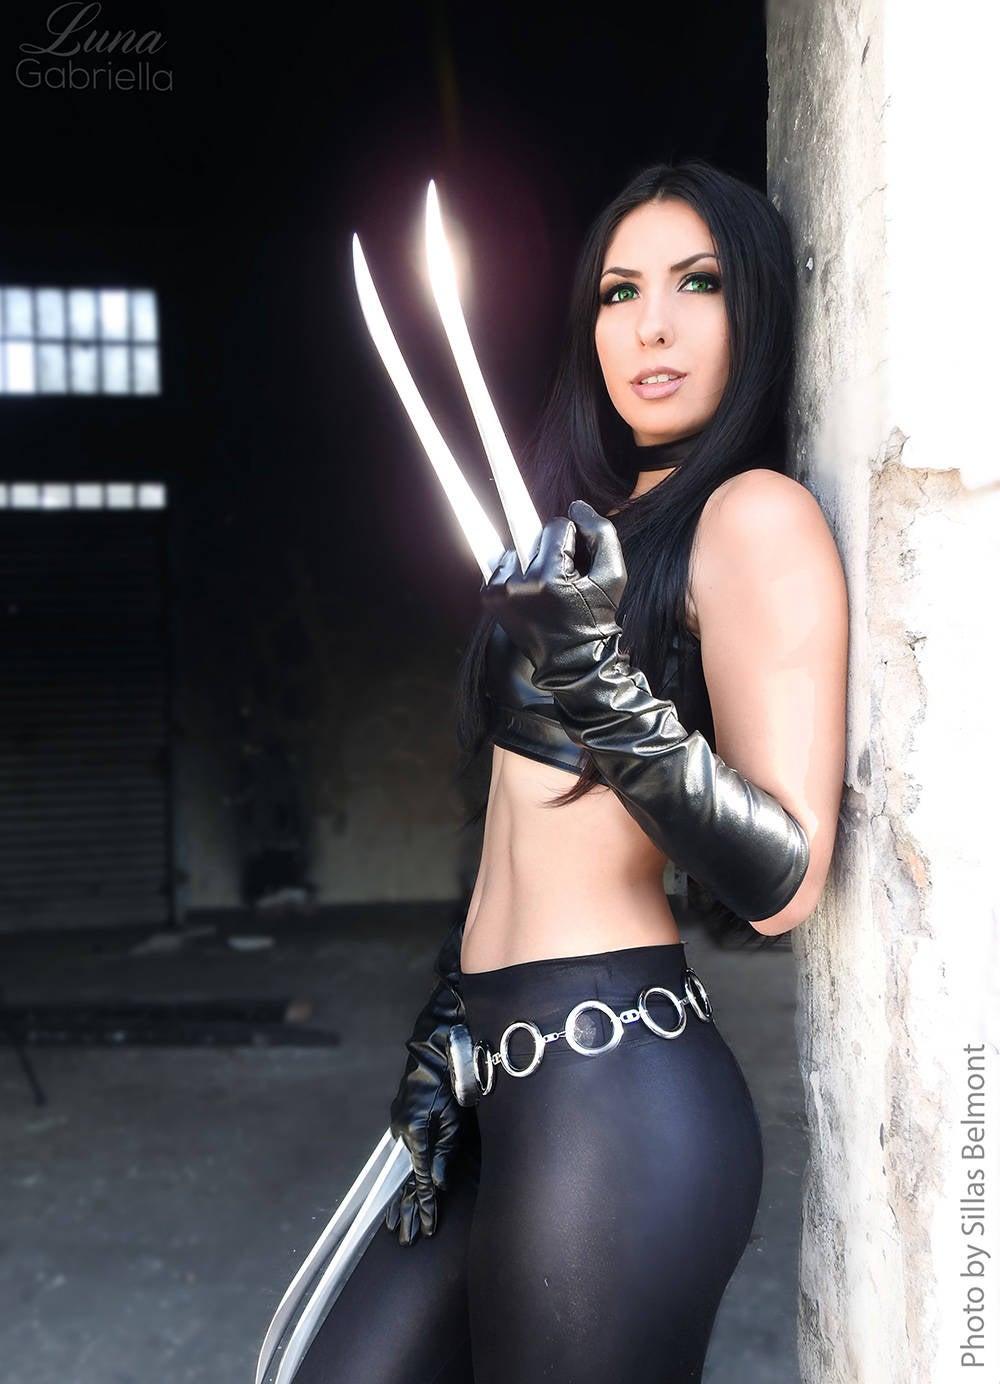 X-23-Fan-Cosplay-Friday-Luna-Gabriela-Sillas-Belmont03